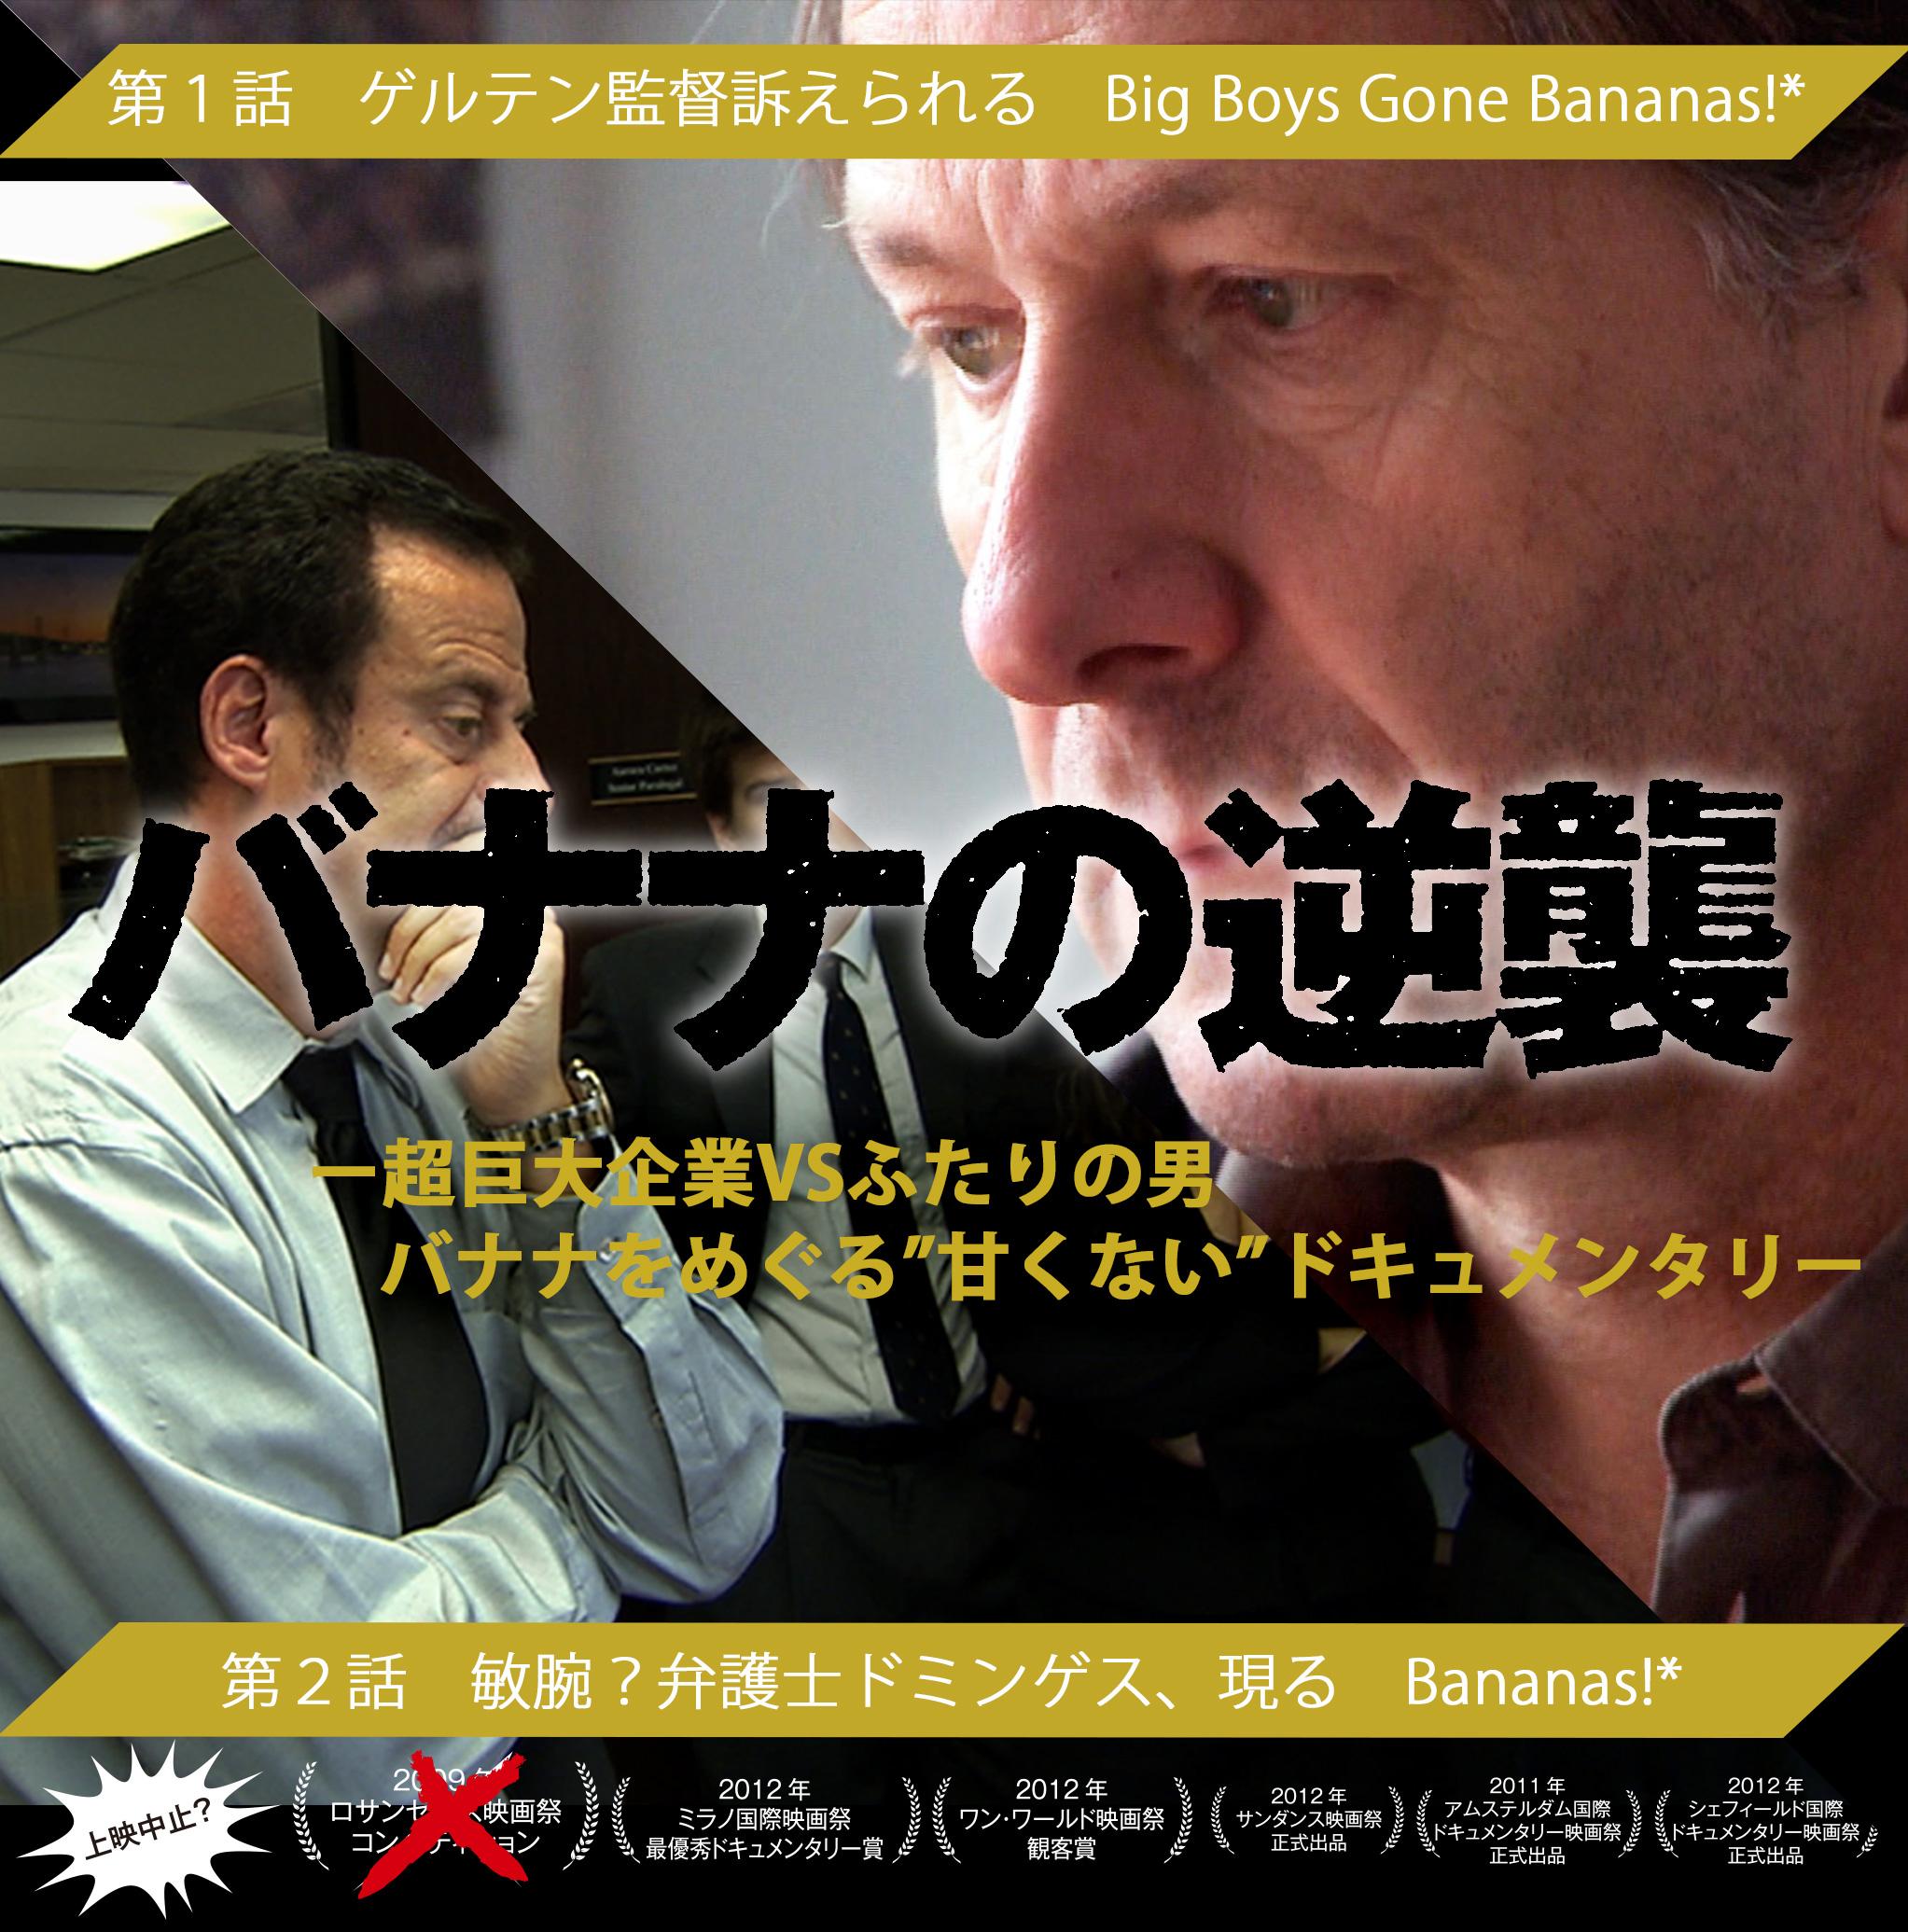 ドキュメンタリー映画『バナナの逆襲』